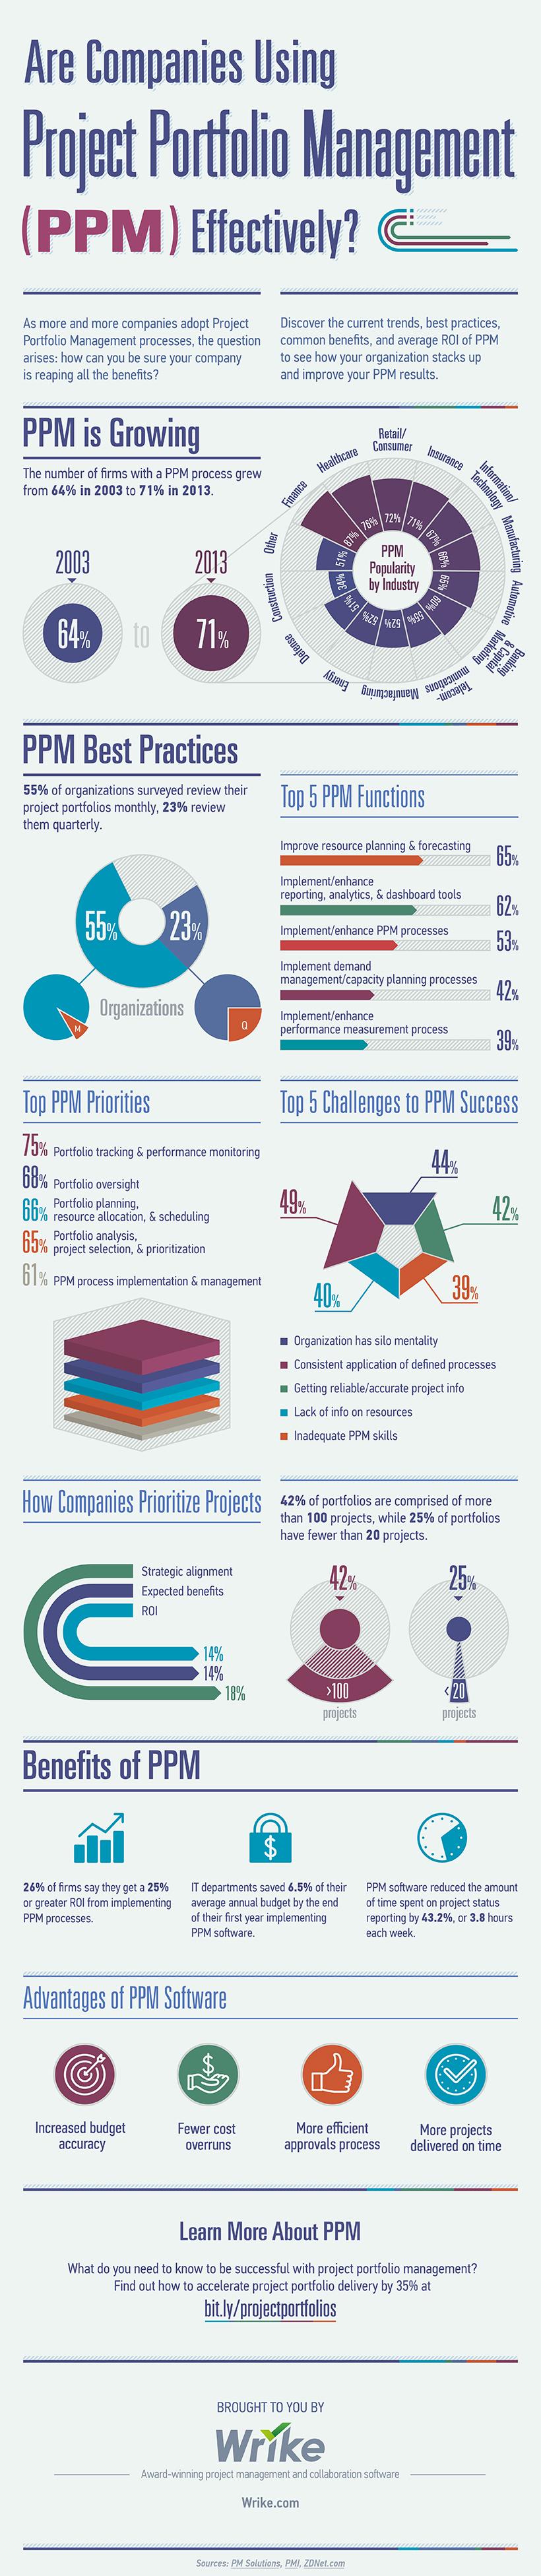 La tua azienda sta utilizzando Project Portfolio Management (PPM) in modo efficace?